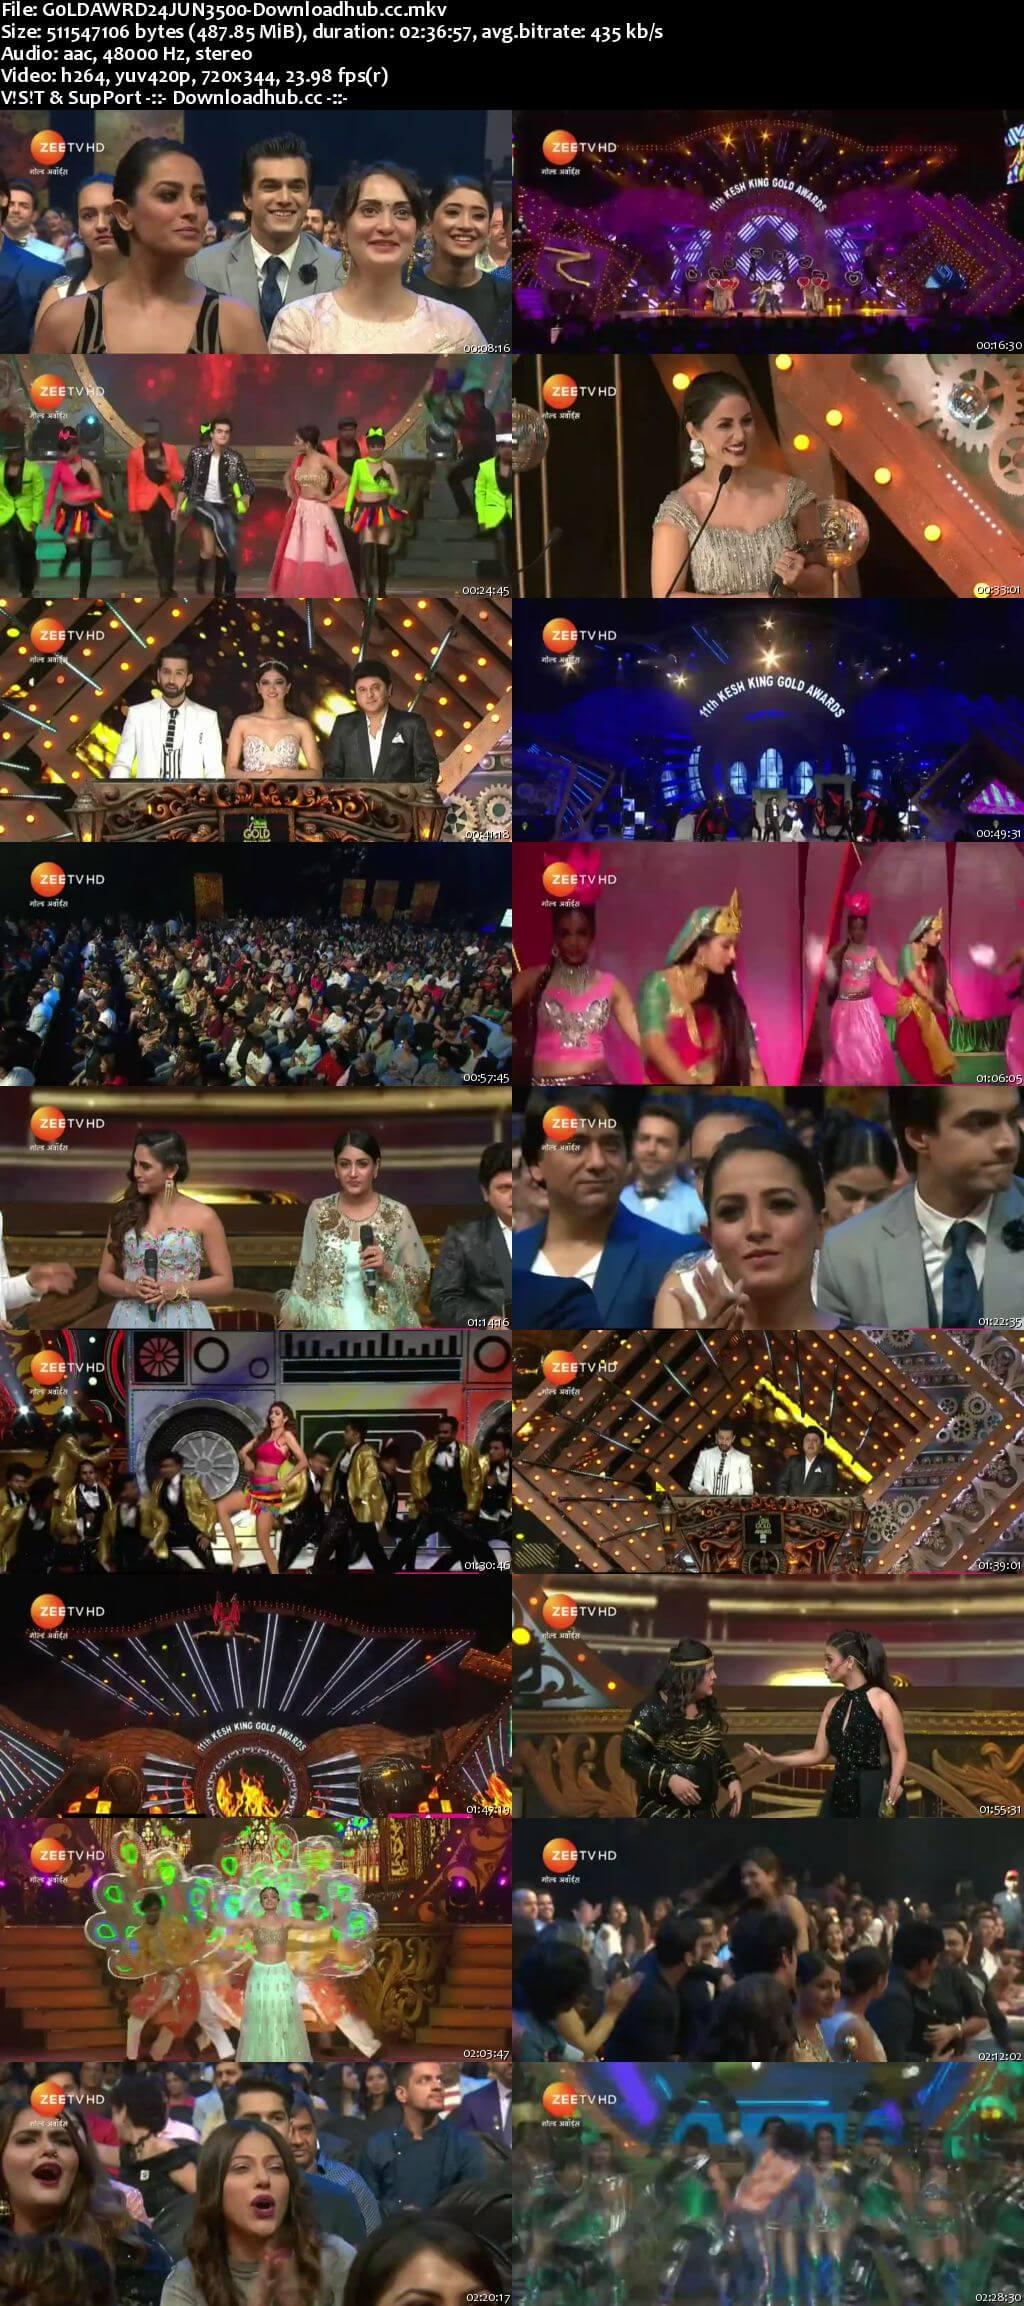 Gold Award 24th June 2018 480p HDTV